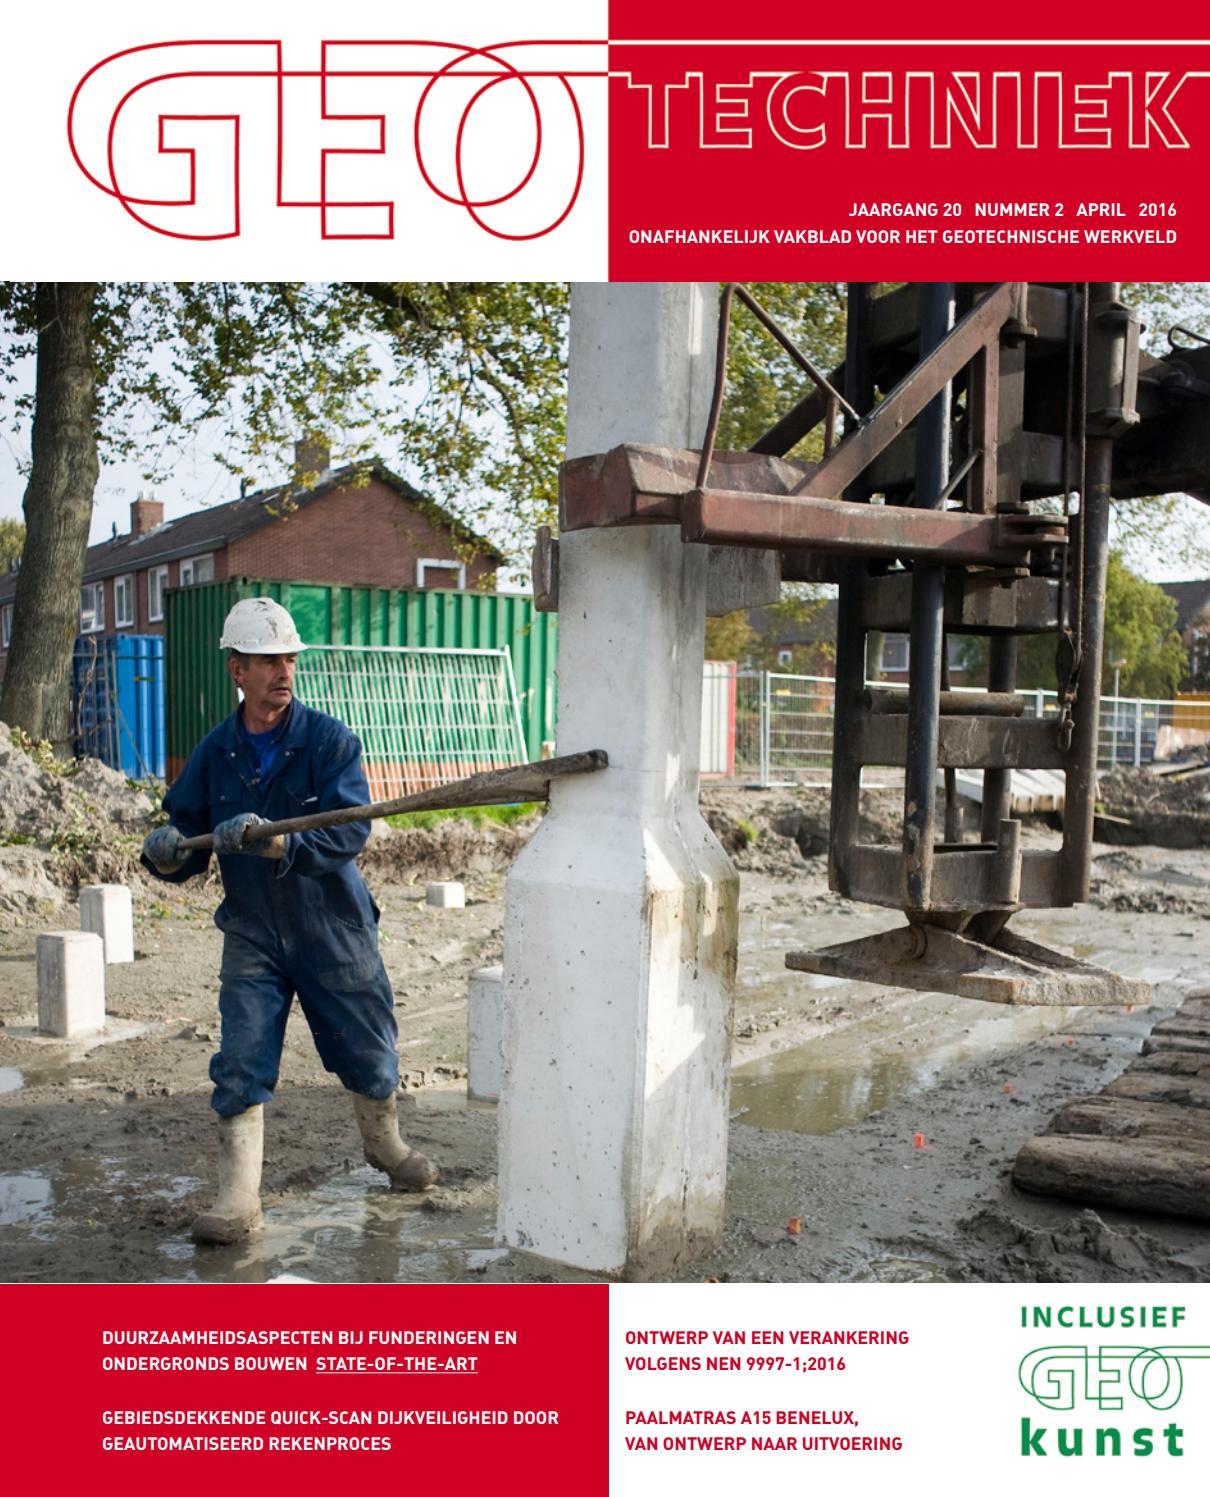 Geotechniek april 2016 by uitgeverij educom   issuu